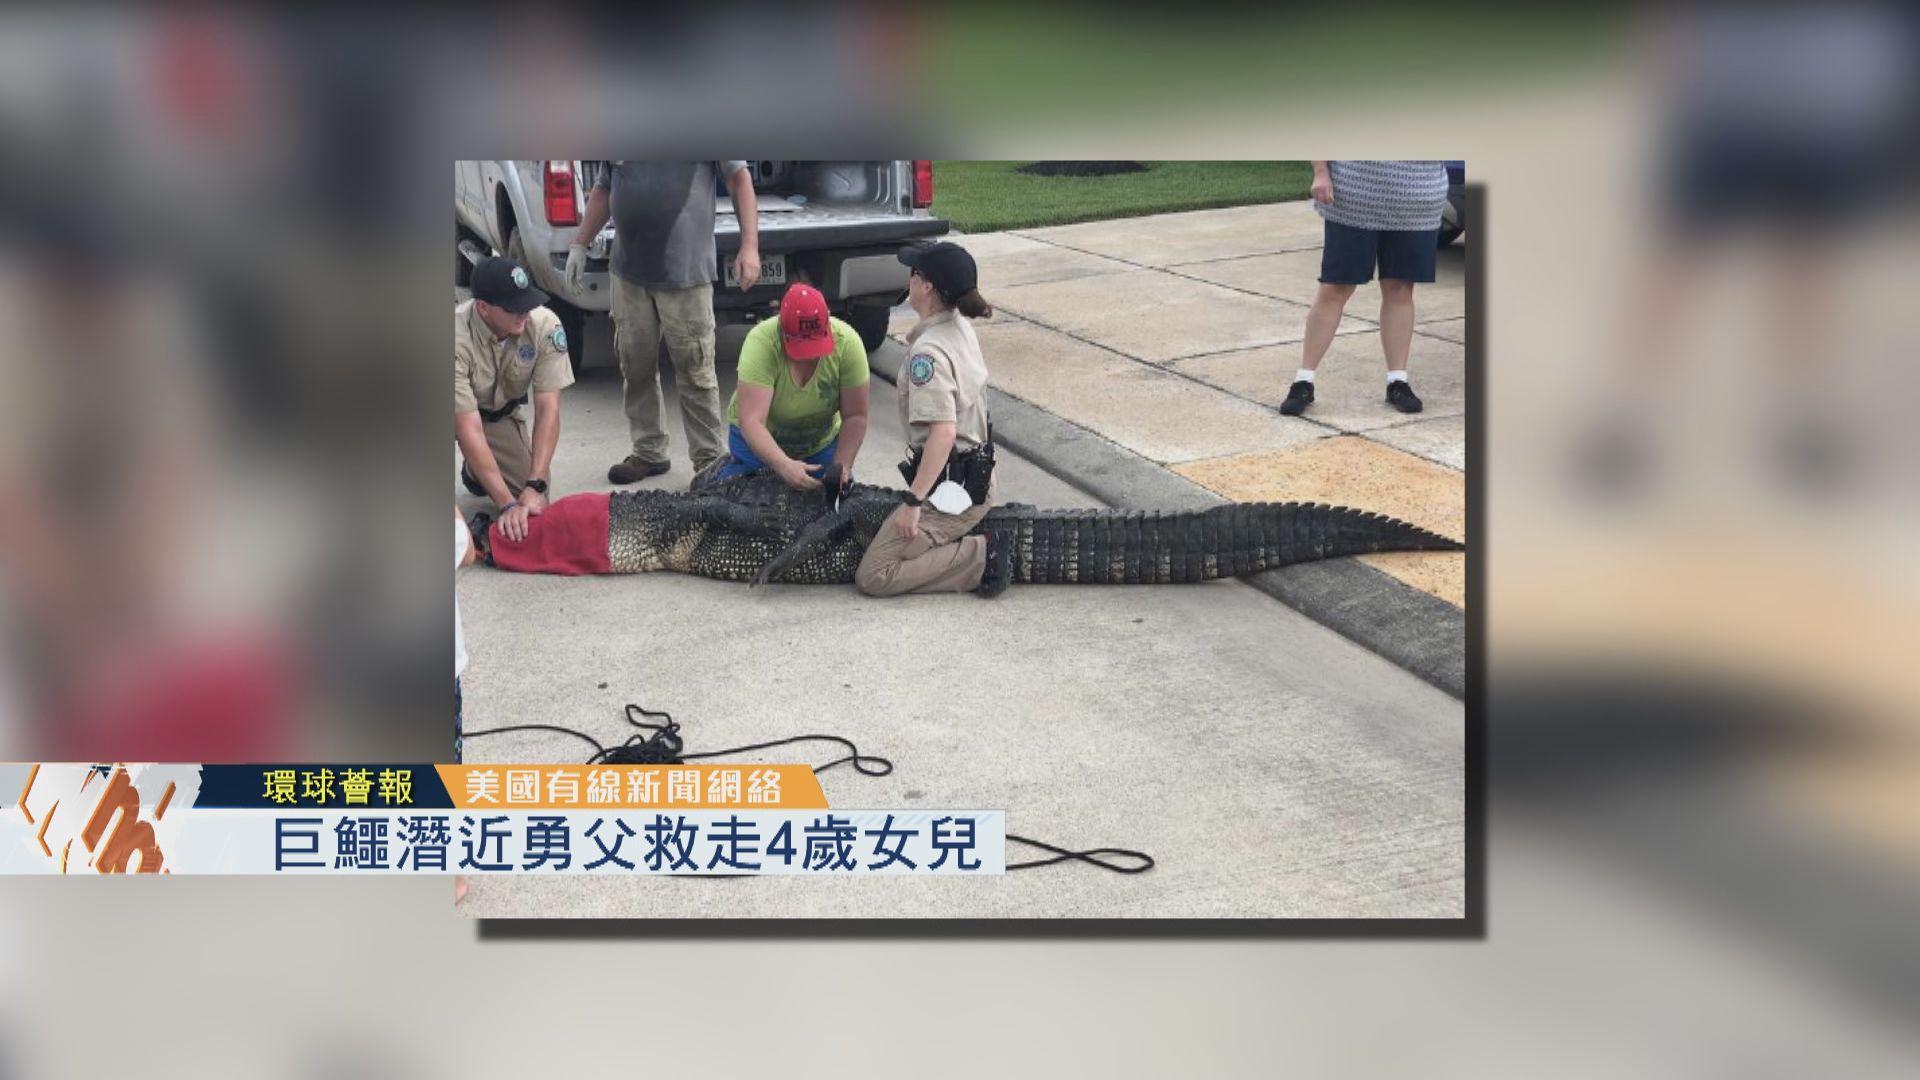 【環球薈報】巨鱷潛近勇父救走4歲女兒